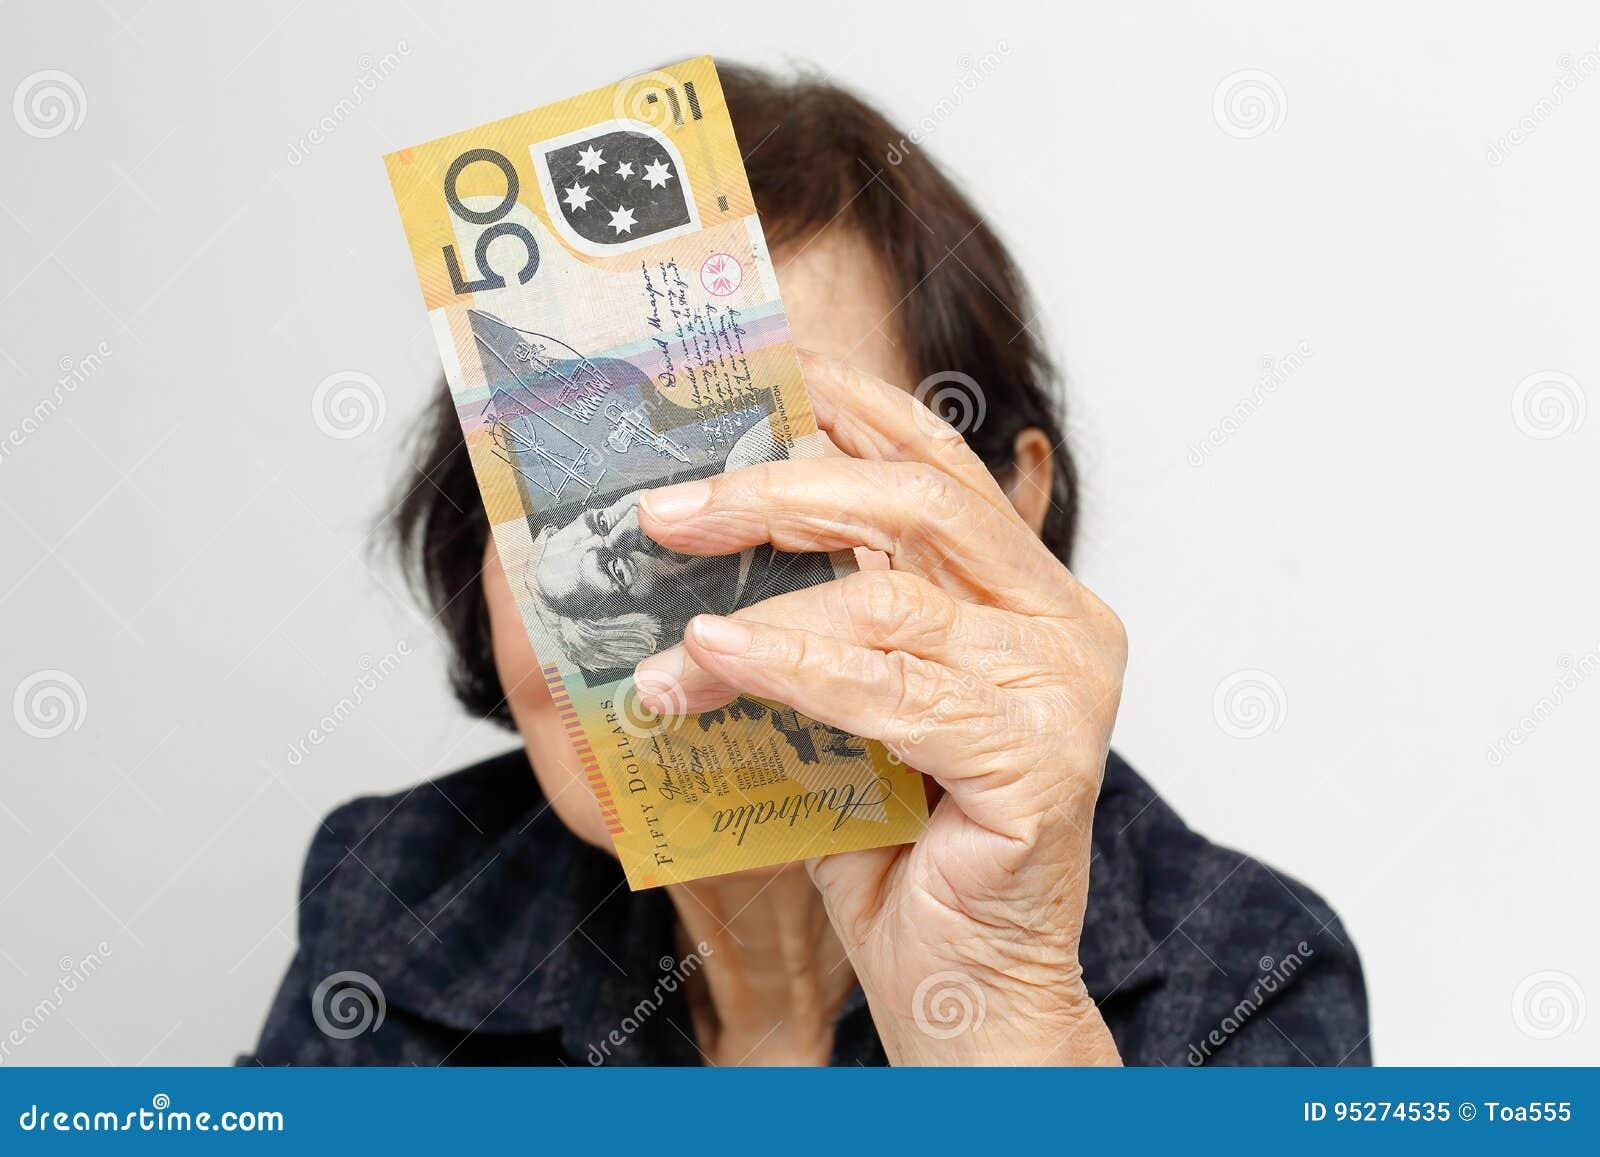 Пожилая женщина имеет мальчика фото 164-87